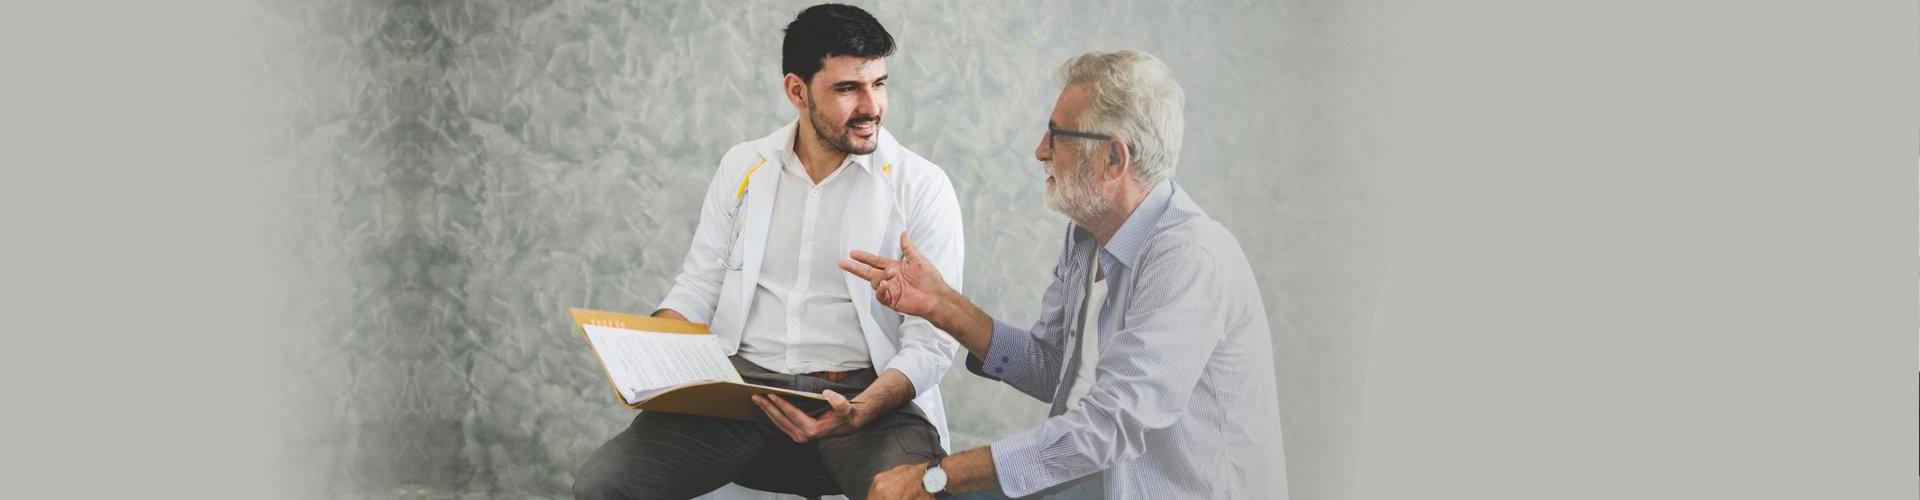 senior man talking to an expert